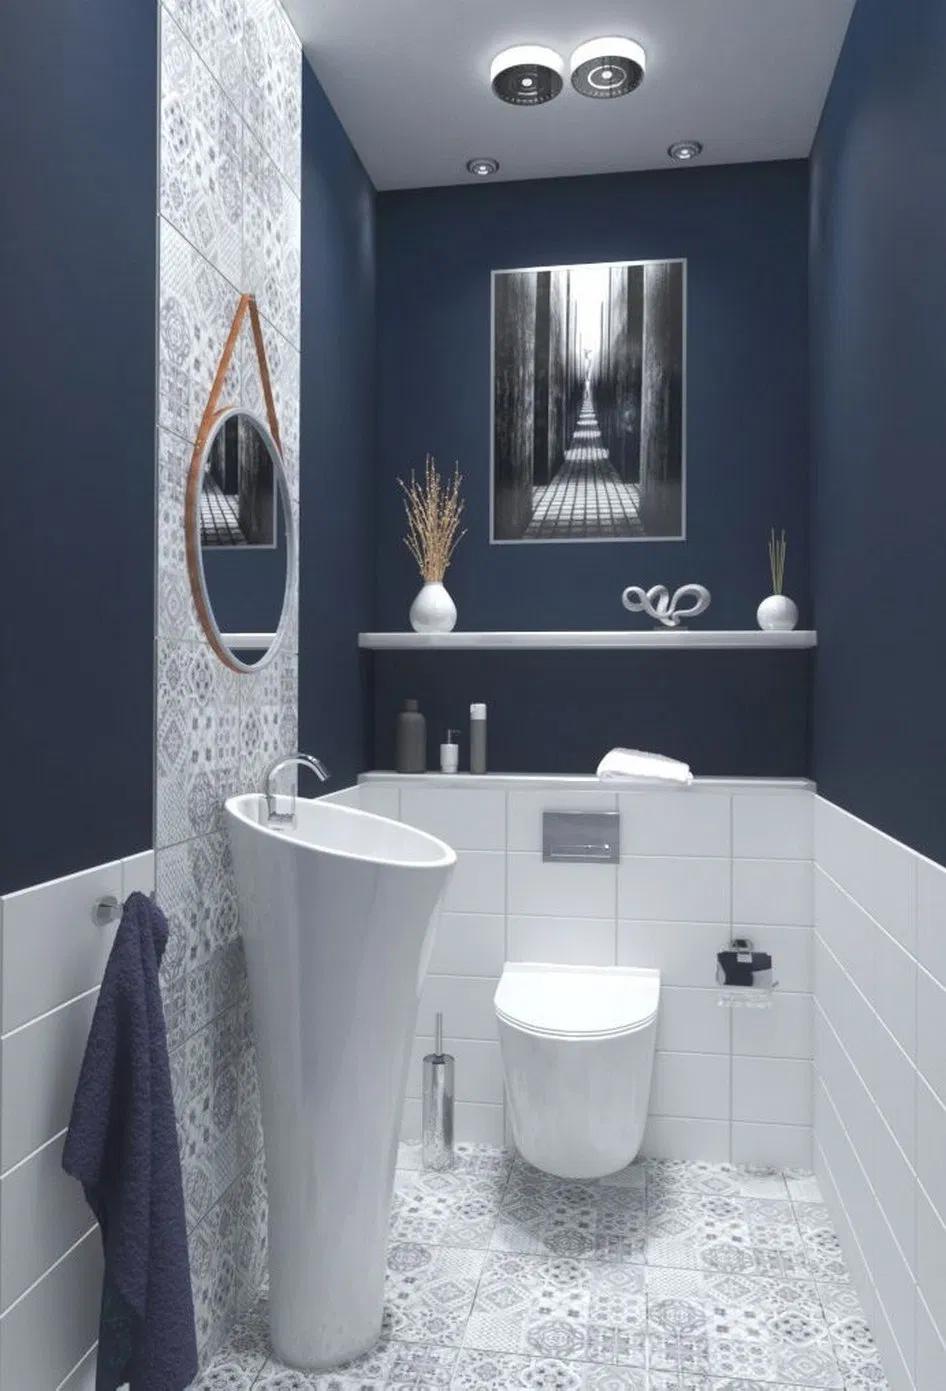 20 small bathroom designs and ideas 20 bathroomideas ...